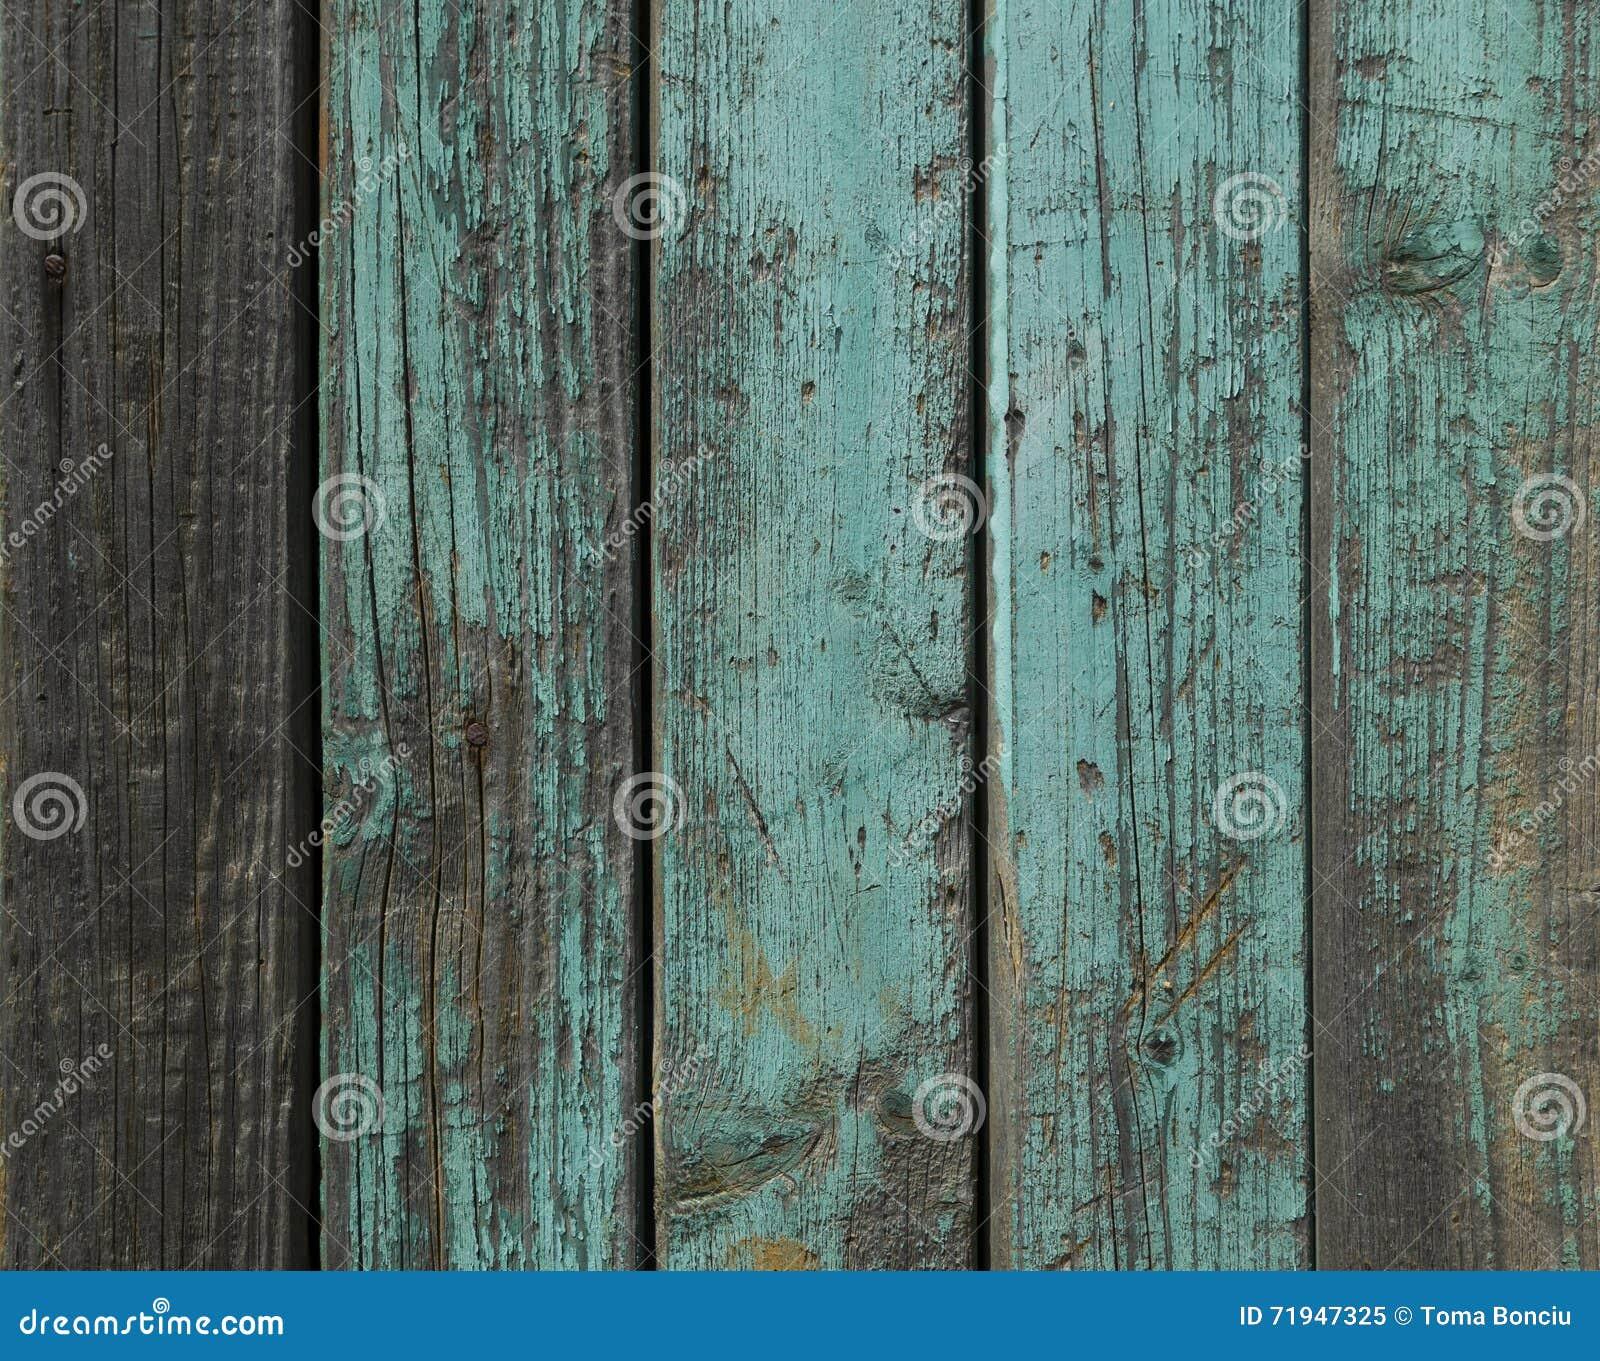 Деревянная текстура, старые планки, пол или столешница